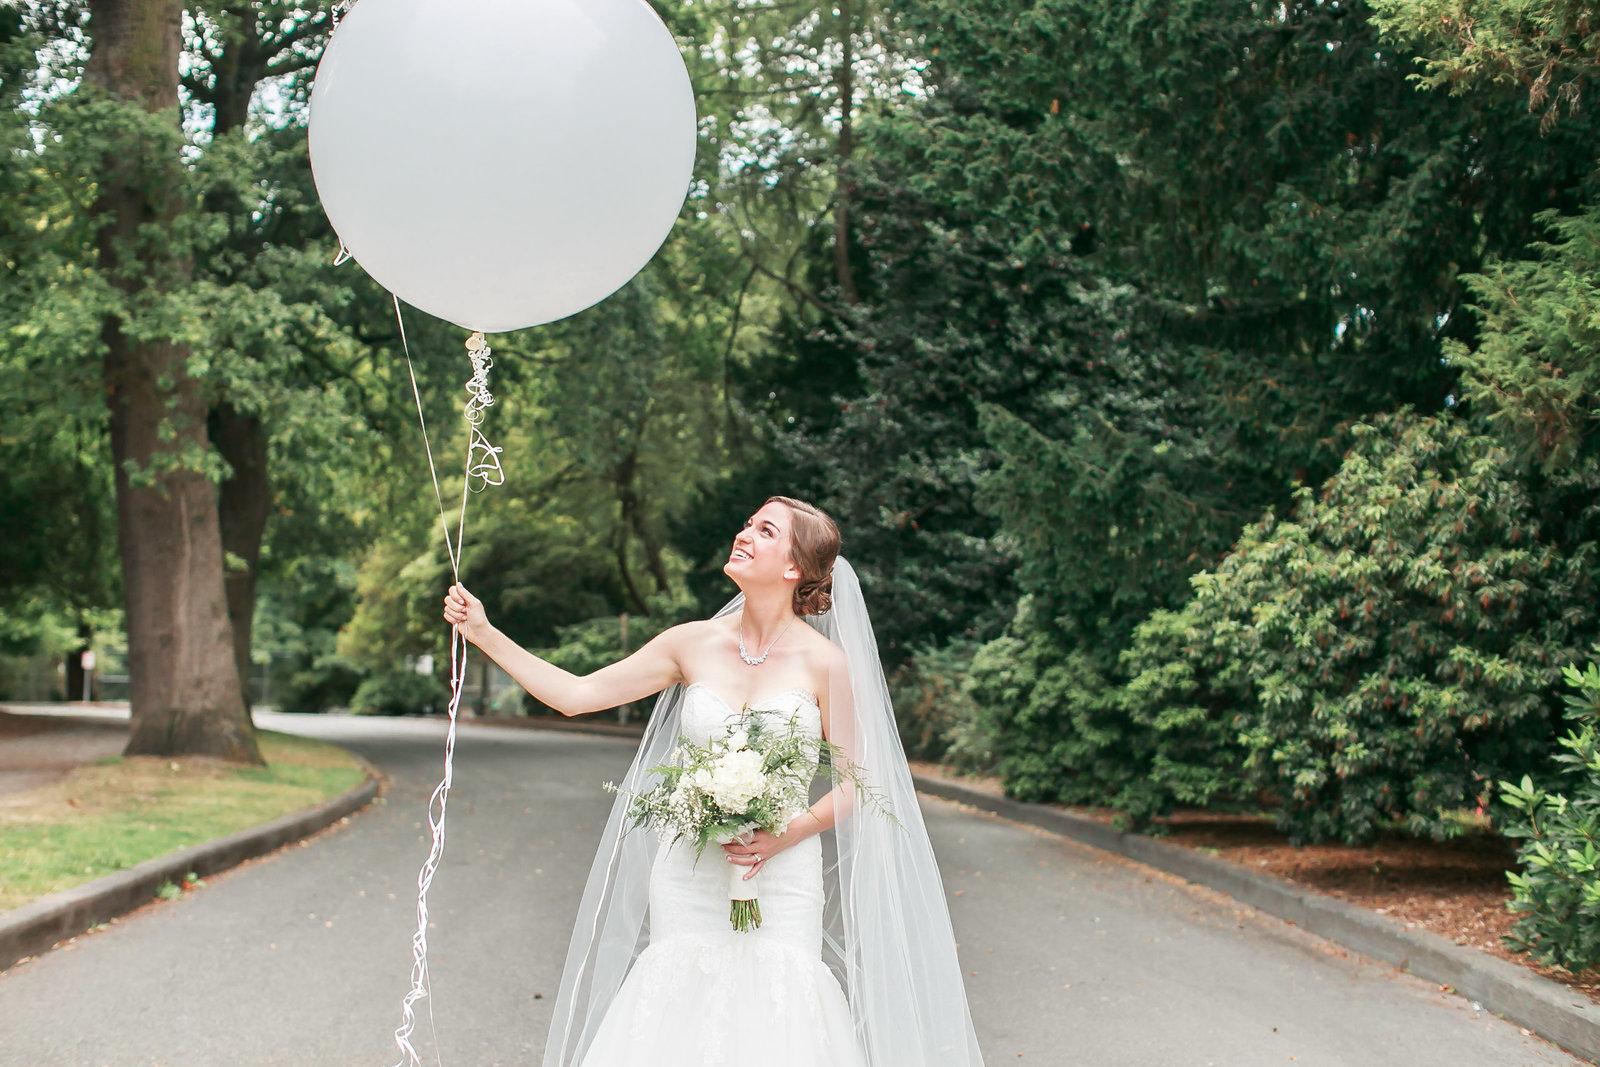 kevin-kristin-wedding-photos380529